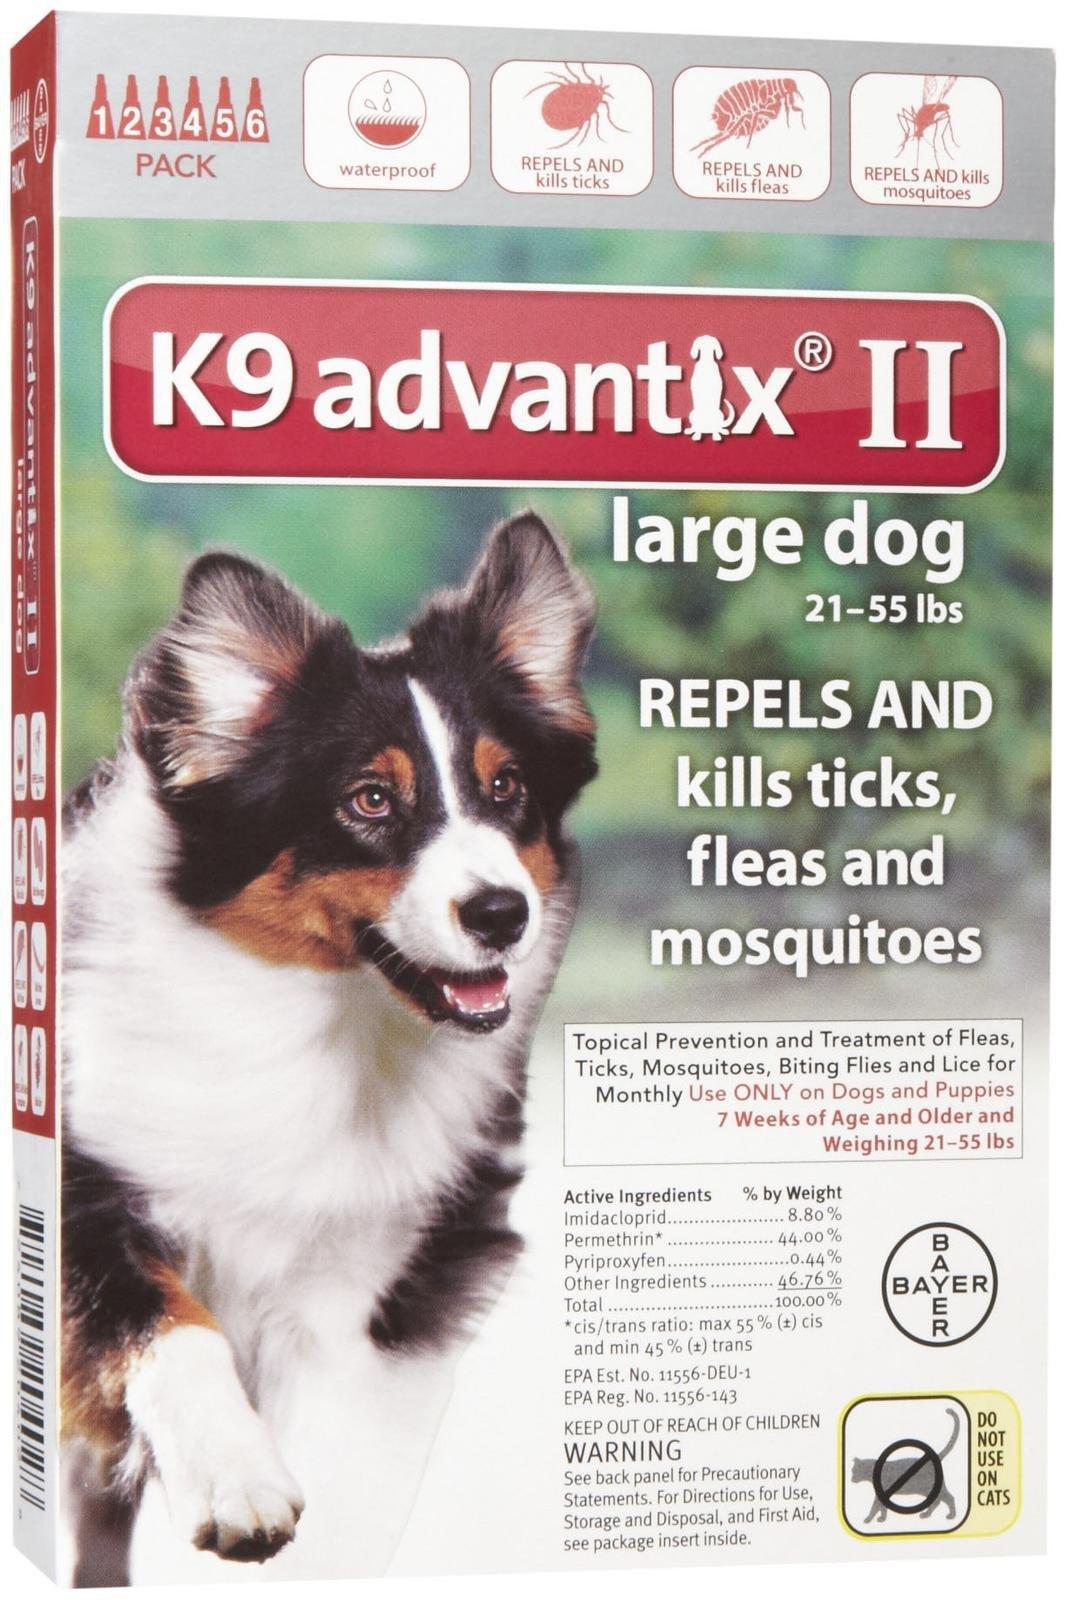 K9 Advantix II Flea and Tick Treatment - Large Dog - 6 ct